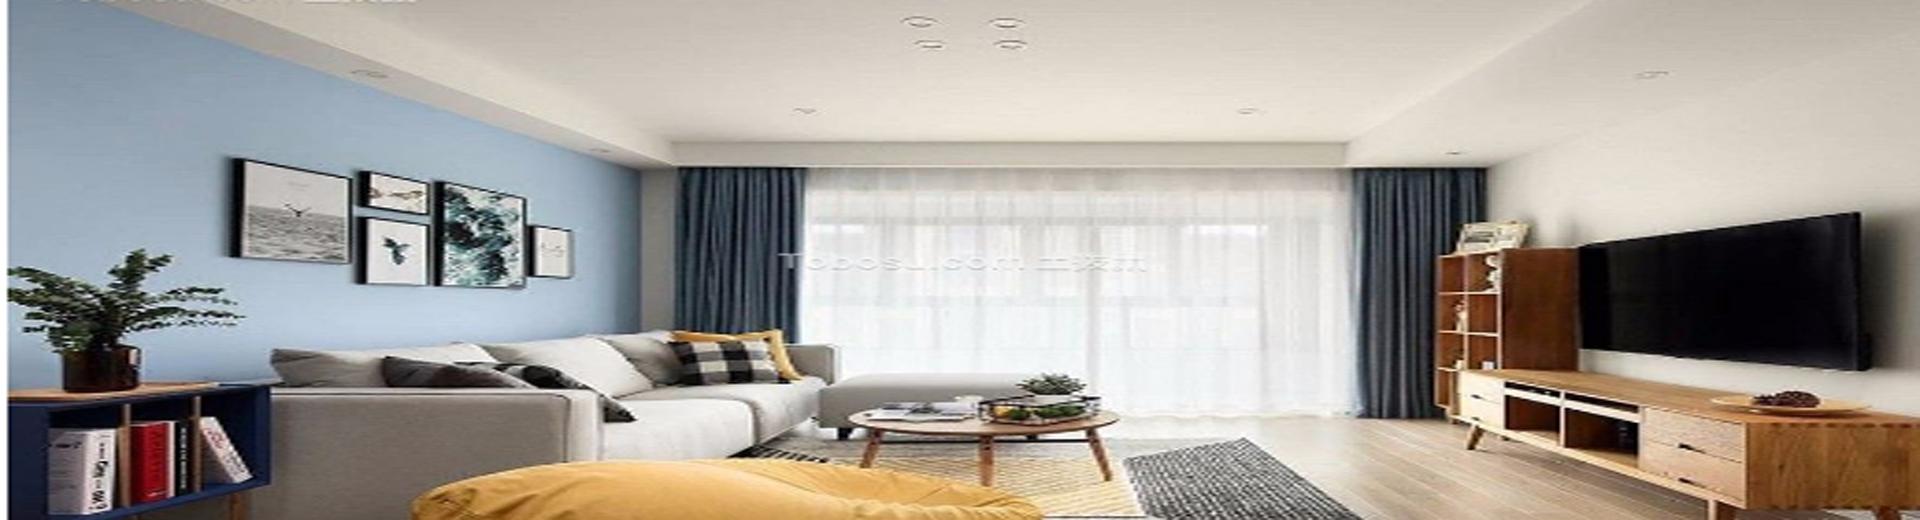 二室一廳室內裝修設計效果圖 ,享受回歸自然的美好